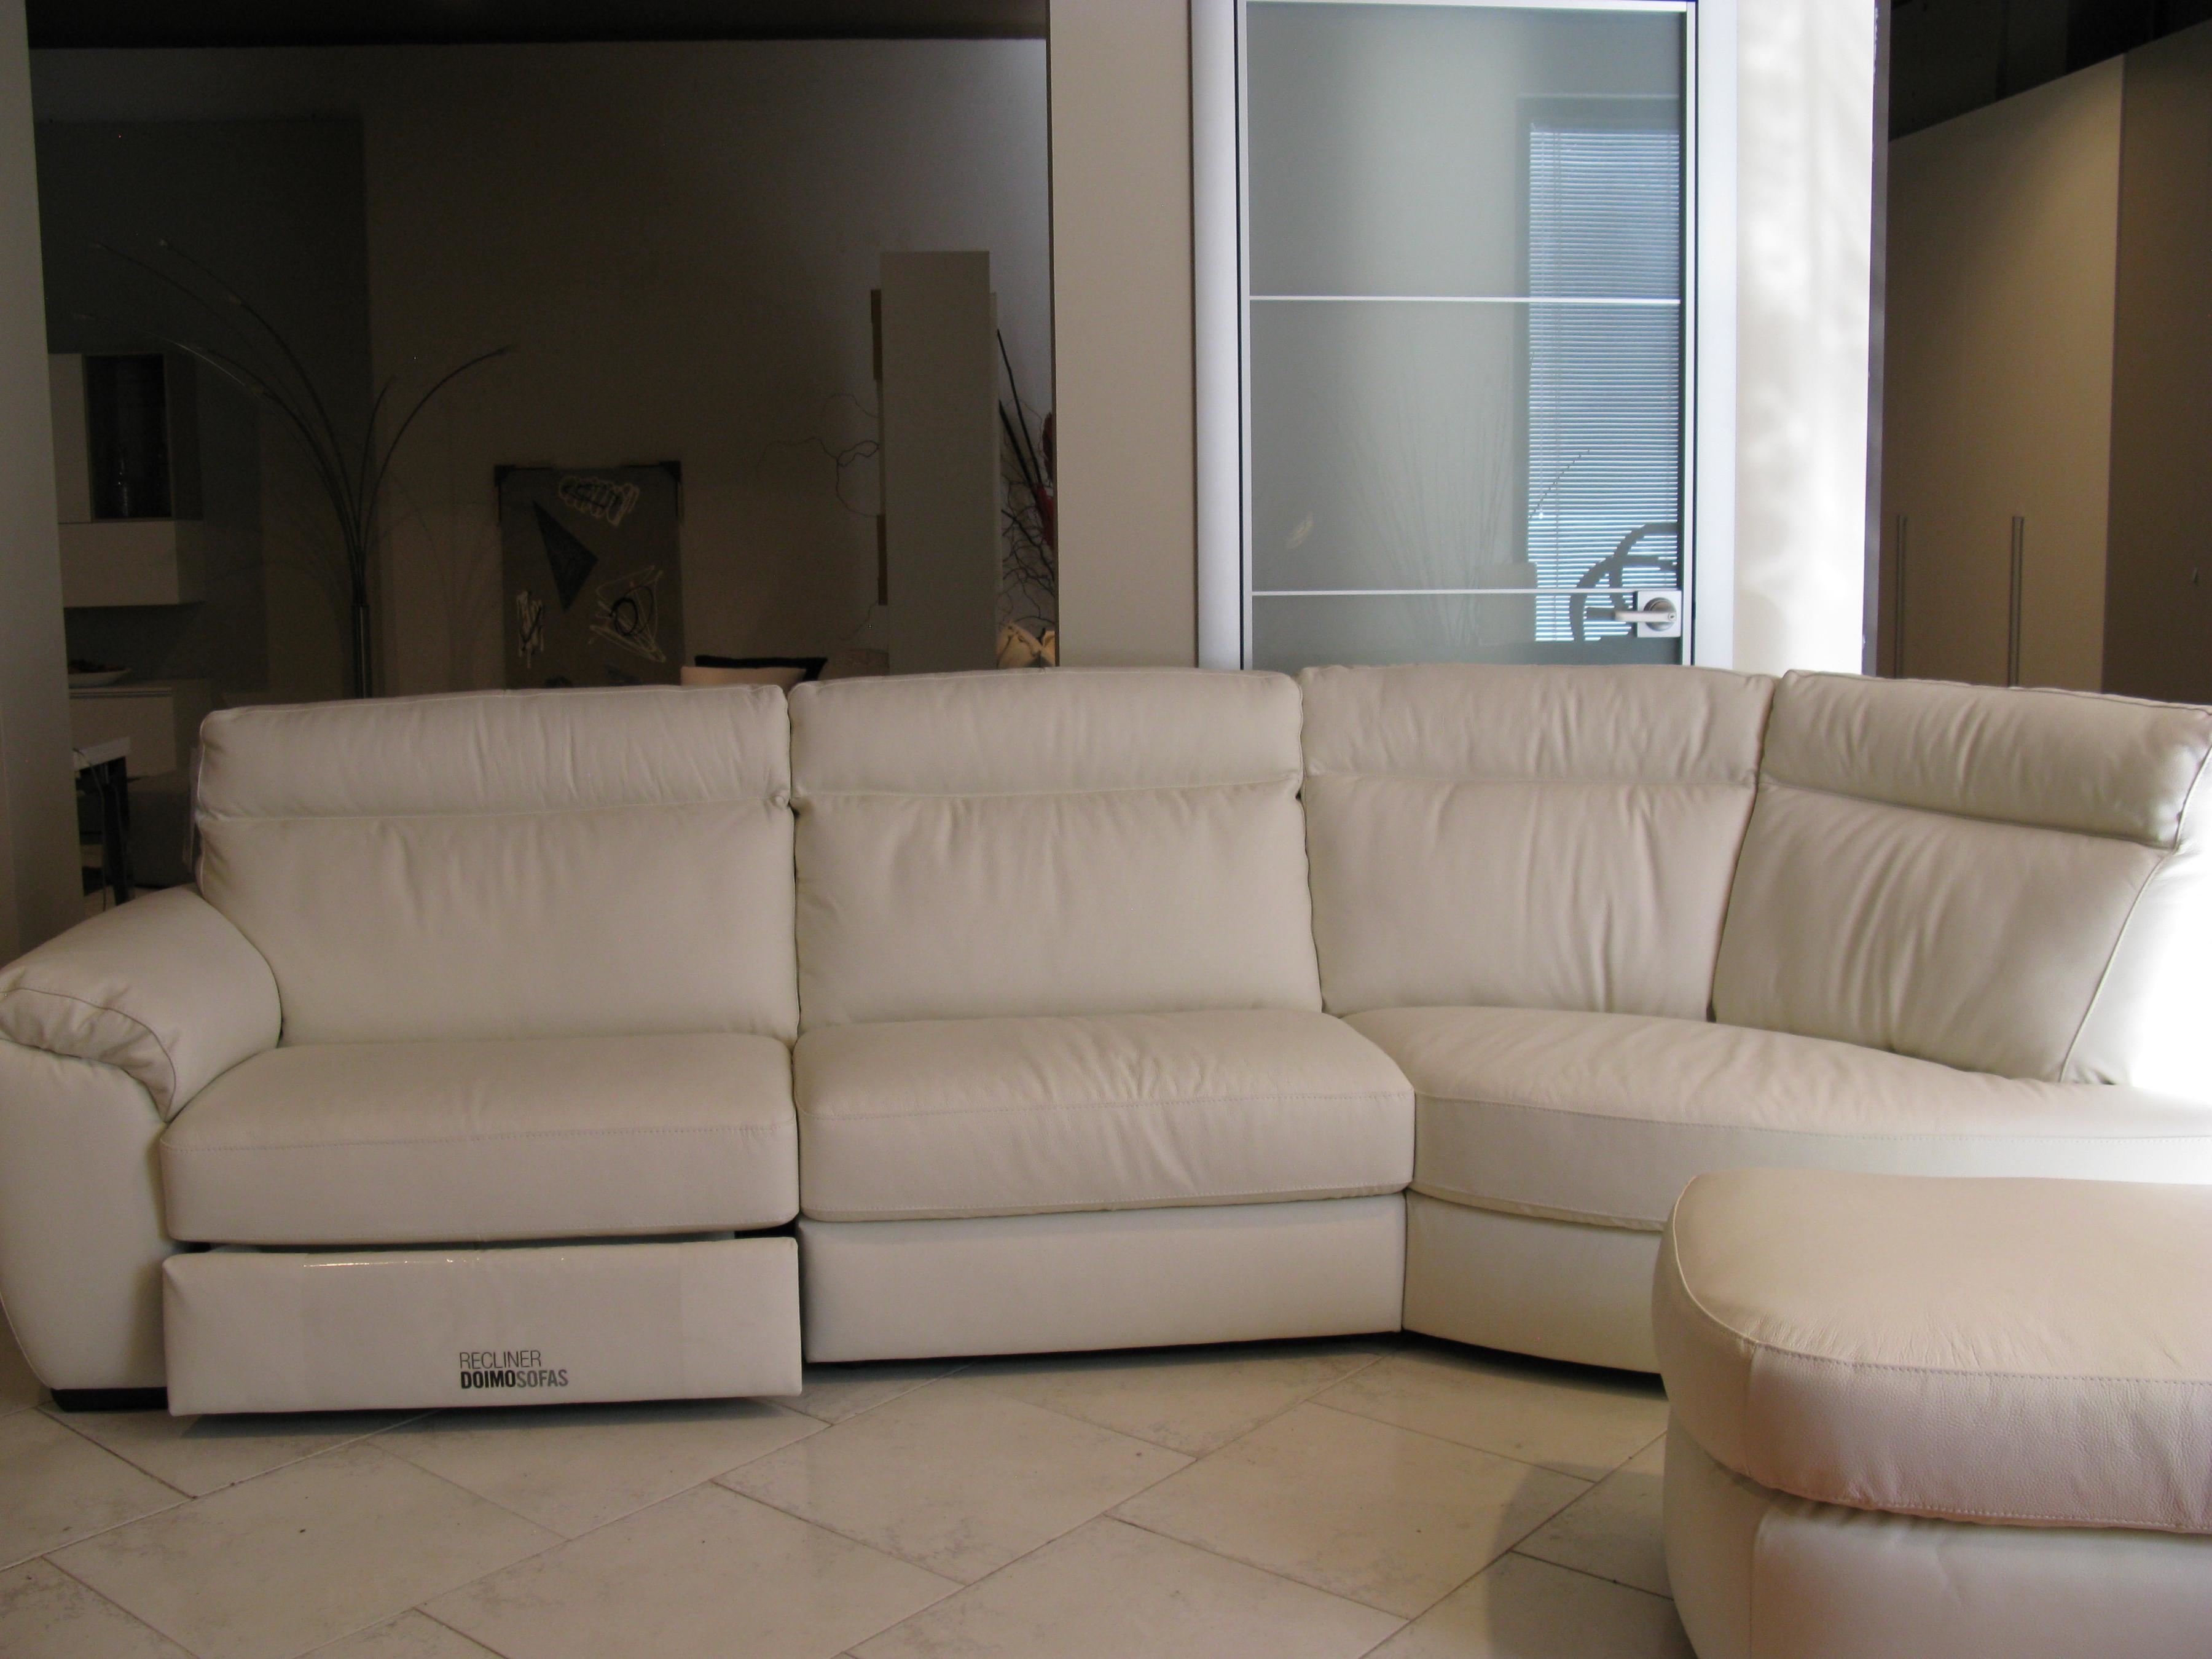 Divano doimo sofas charles divano pelle divani a prezzi for Divani e divani in pelle prezzi